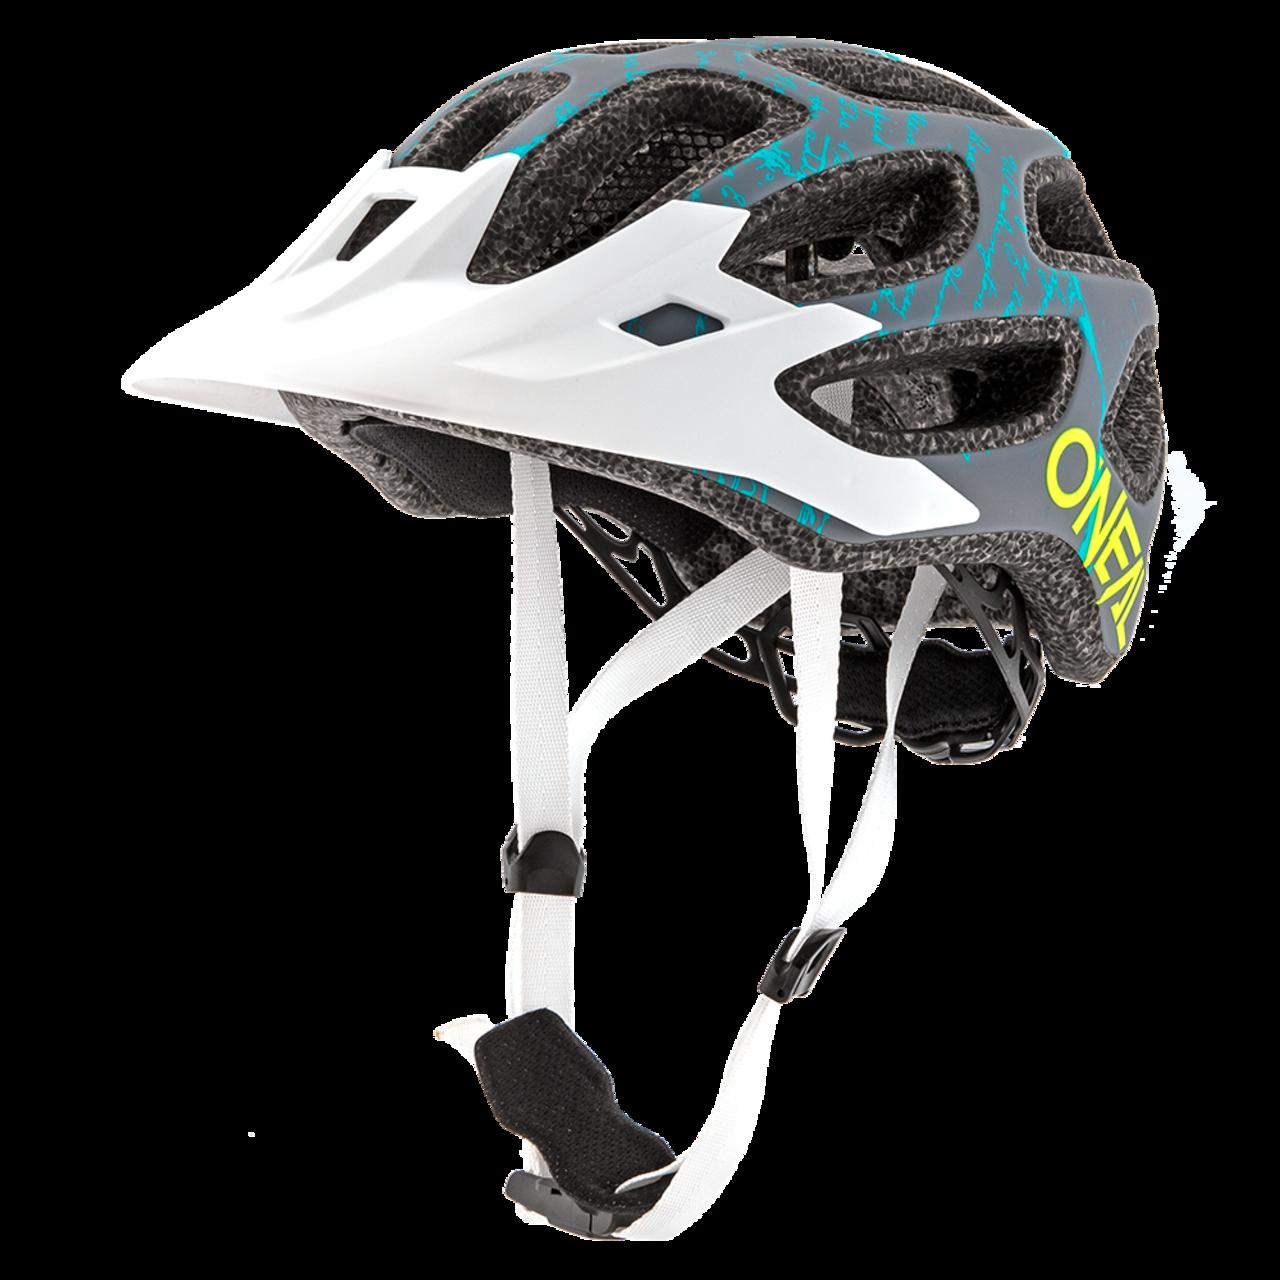 Велошлем O´Neal Thunderball 2.0 Fusion White 2019 (Размер: XXS/52-M/57).